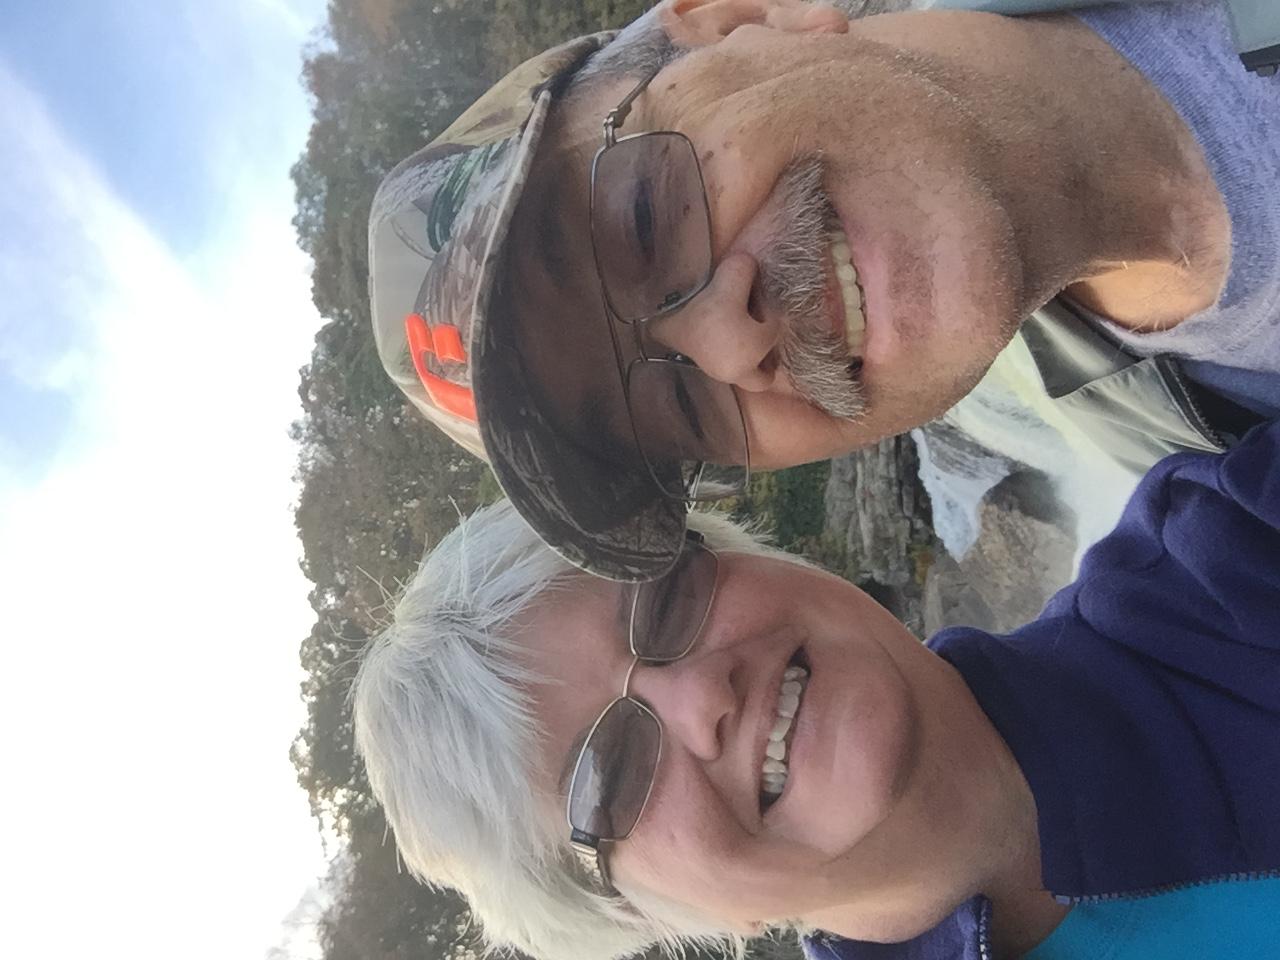 https://www.joeniekrofoundation.com/the-caregivers-side/caregiver-around-globe-cindy-shandorf/attachment/img_2221/